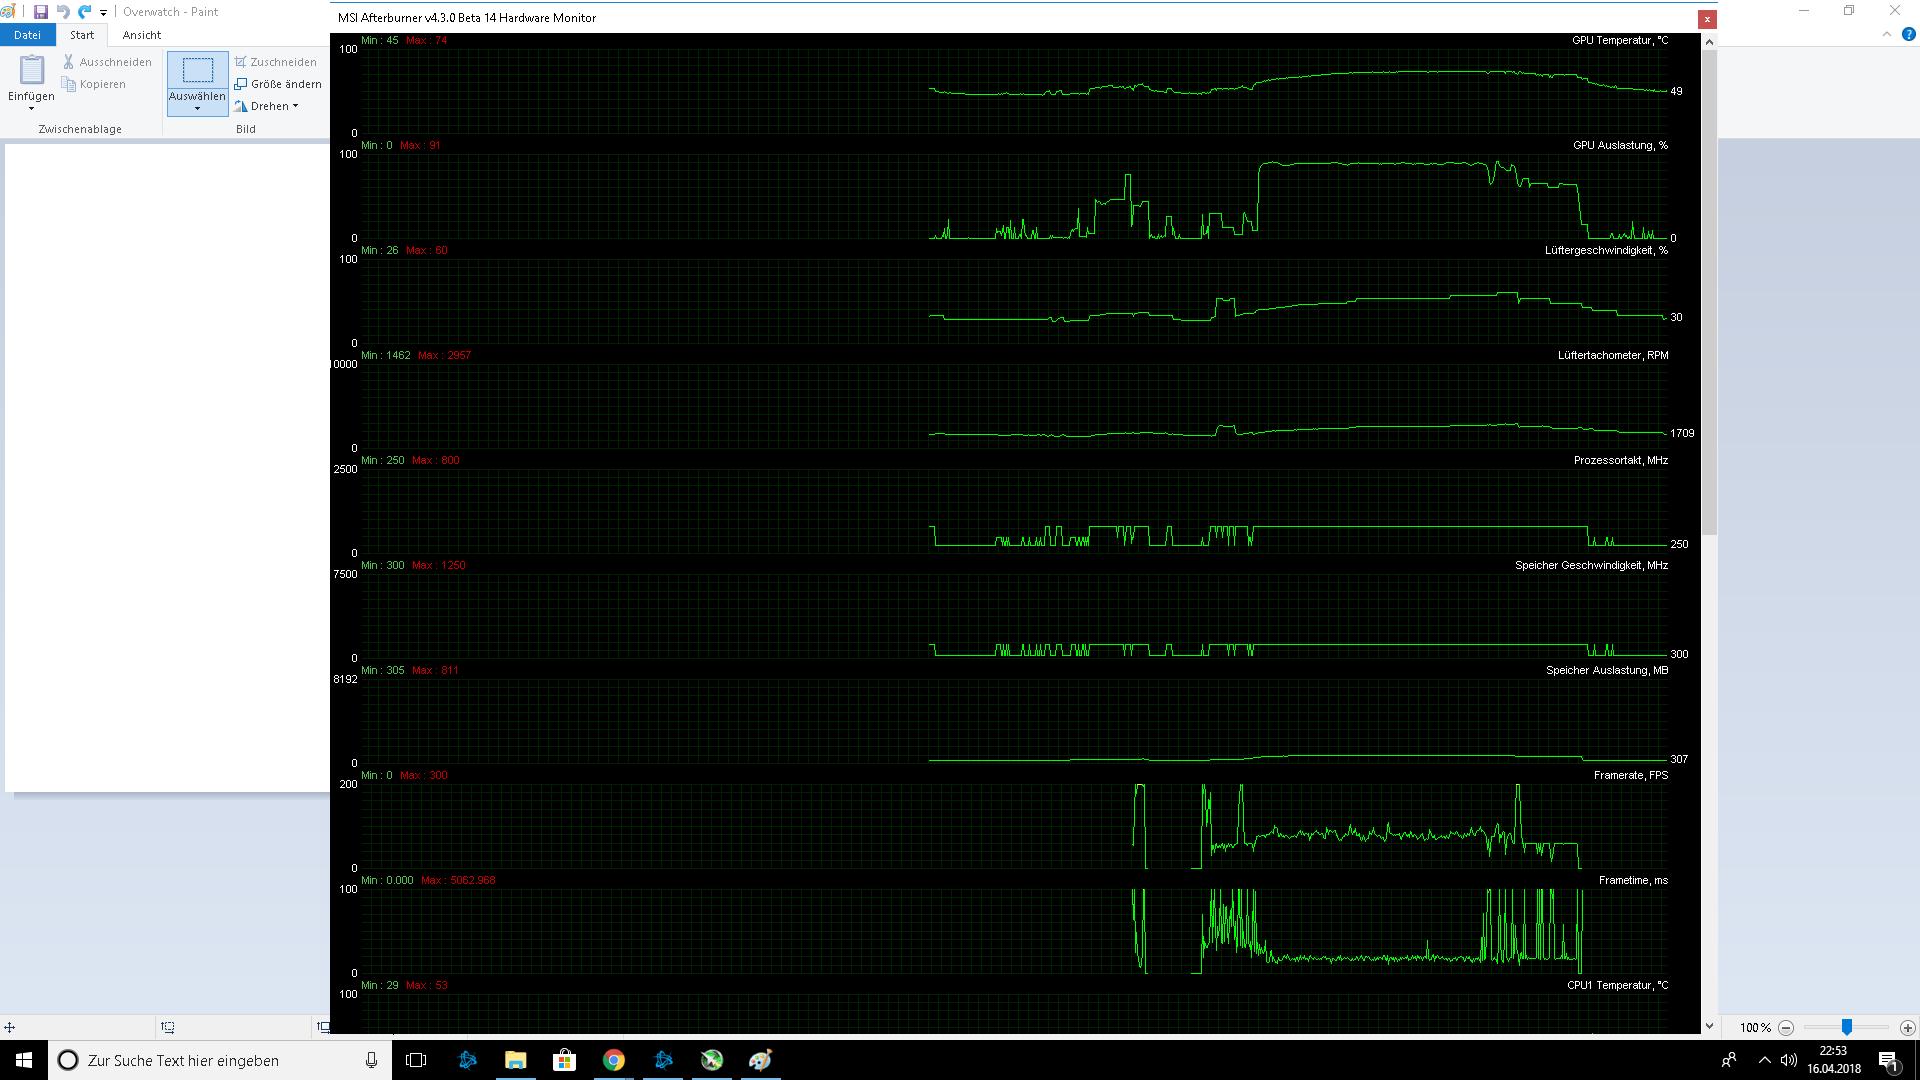 Klicke auf die Grafik für eine größere Ansicht  Name:Overwatch 1 Runde.png Hits:6 Größe:58,2 KB ID:675710